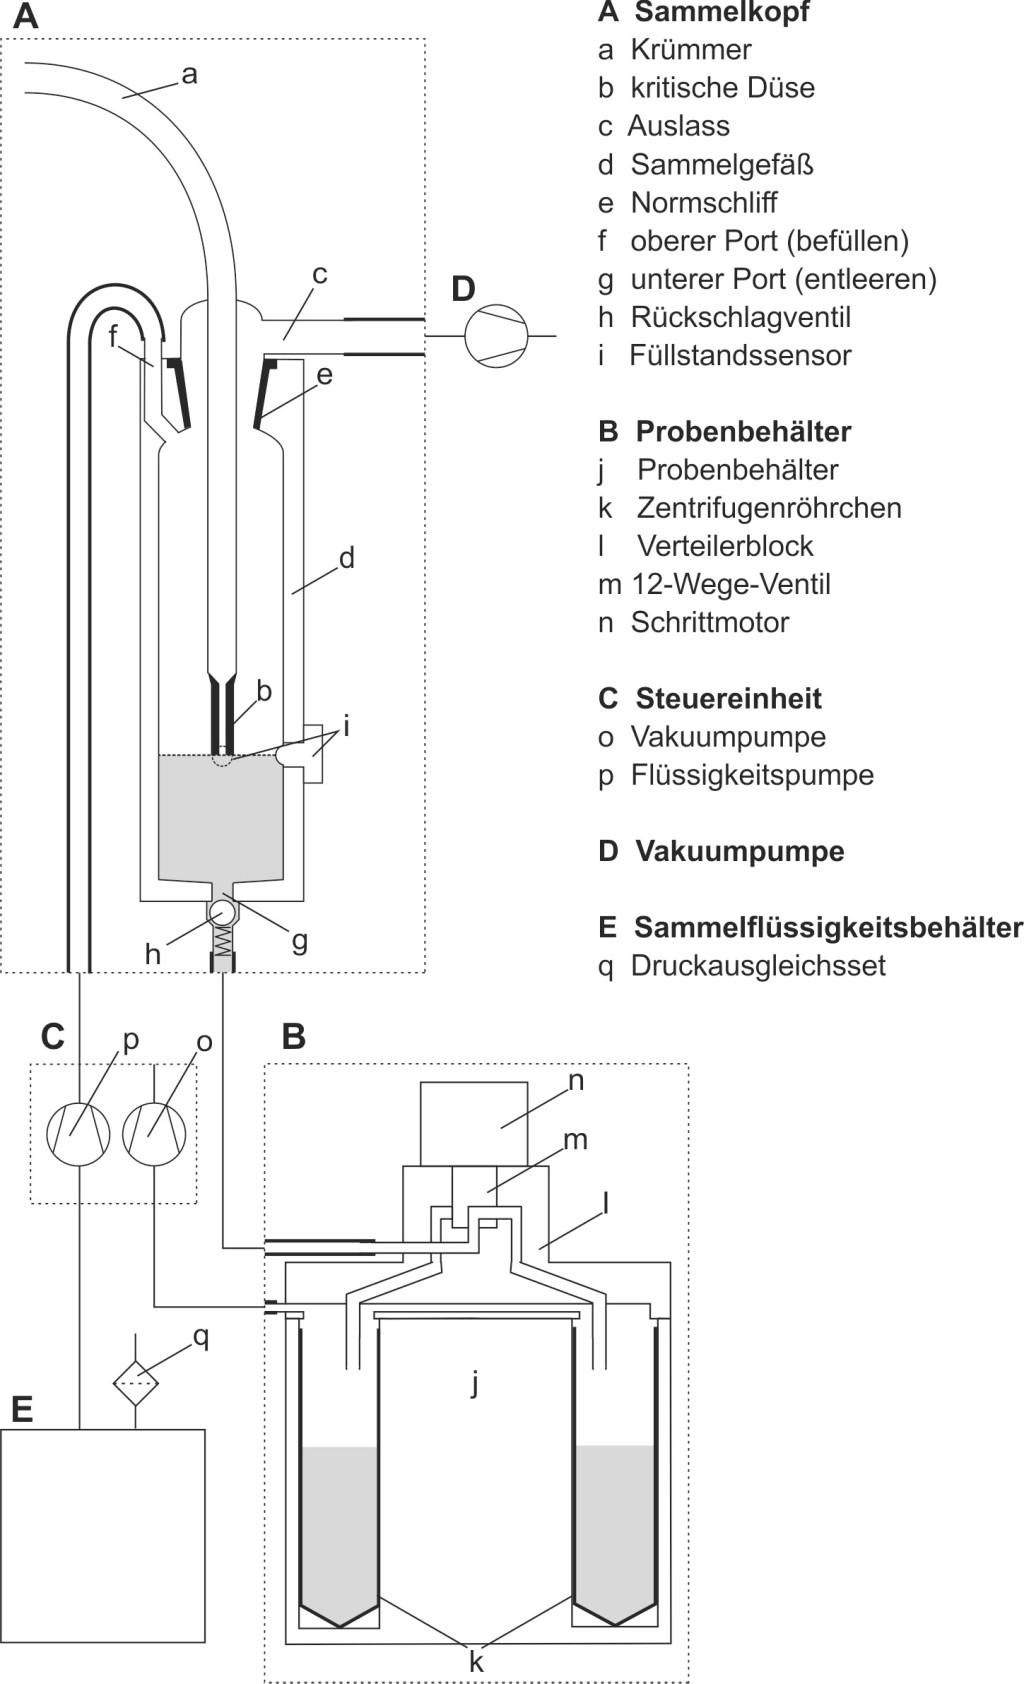 Bild 1. Schematische Darstellung des automatischen Bioaerosolsammlers. Quelle: Thünen-Institut für Agrartechnologie